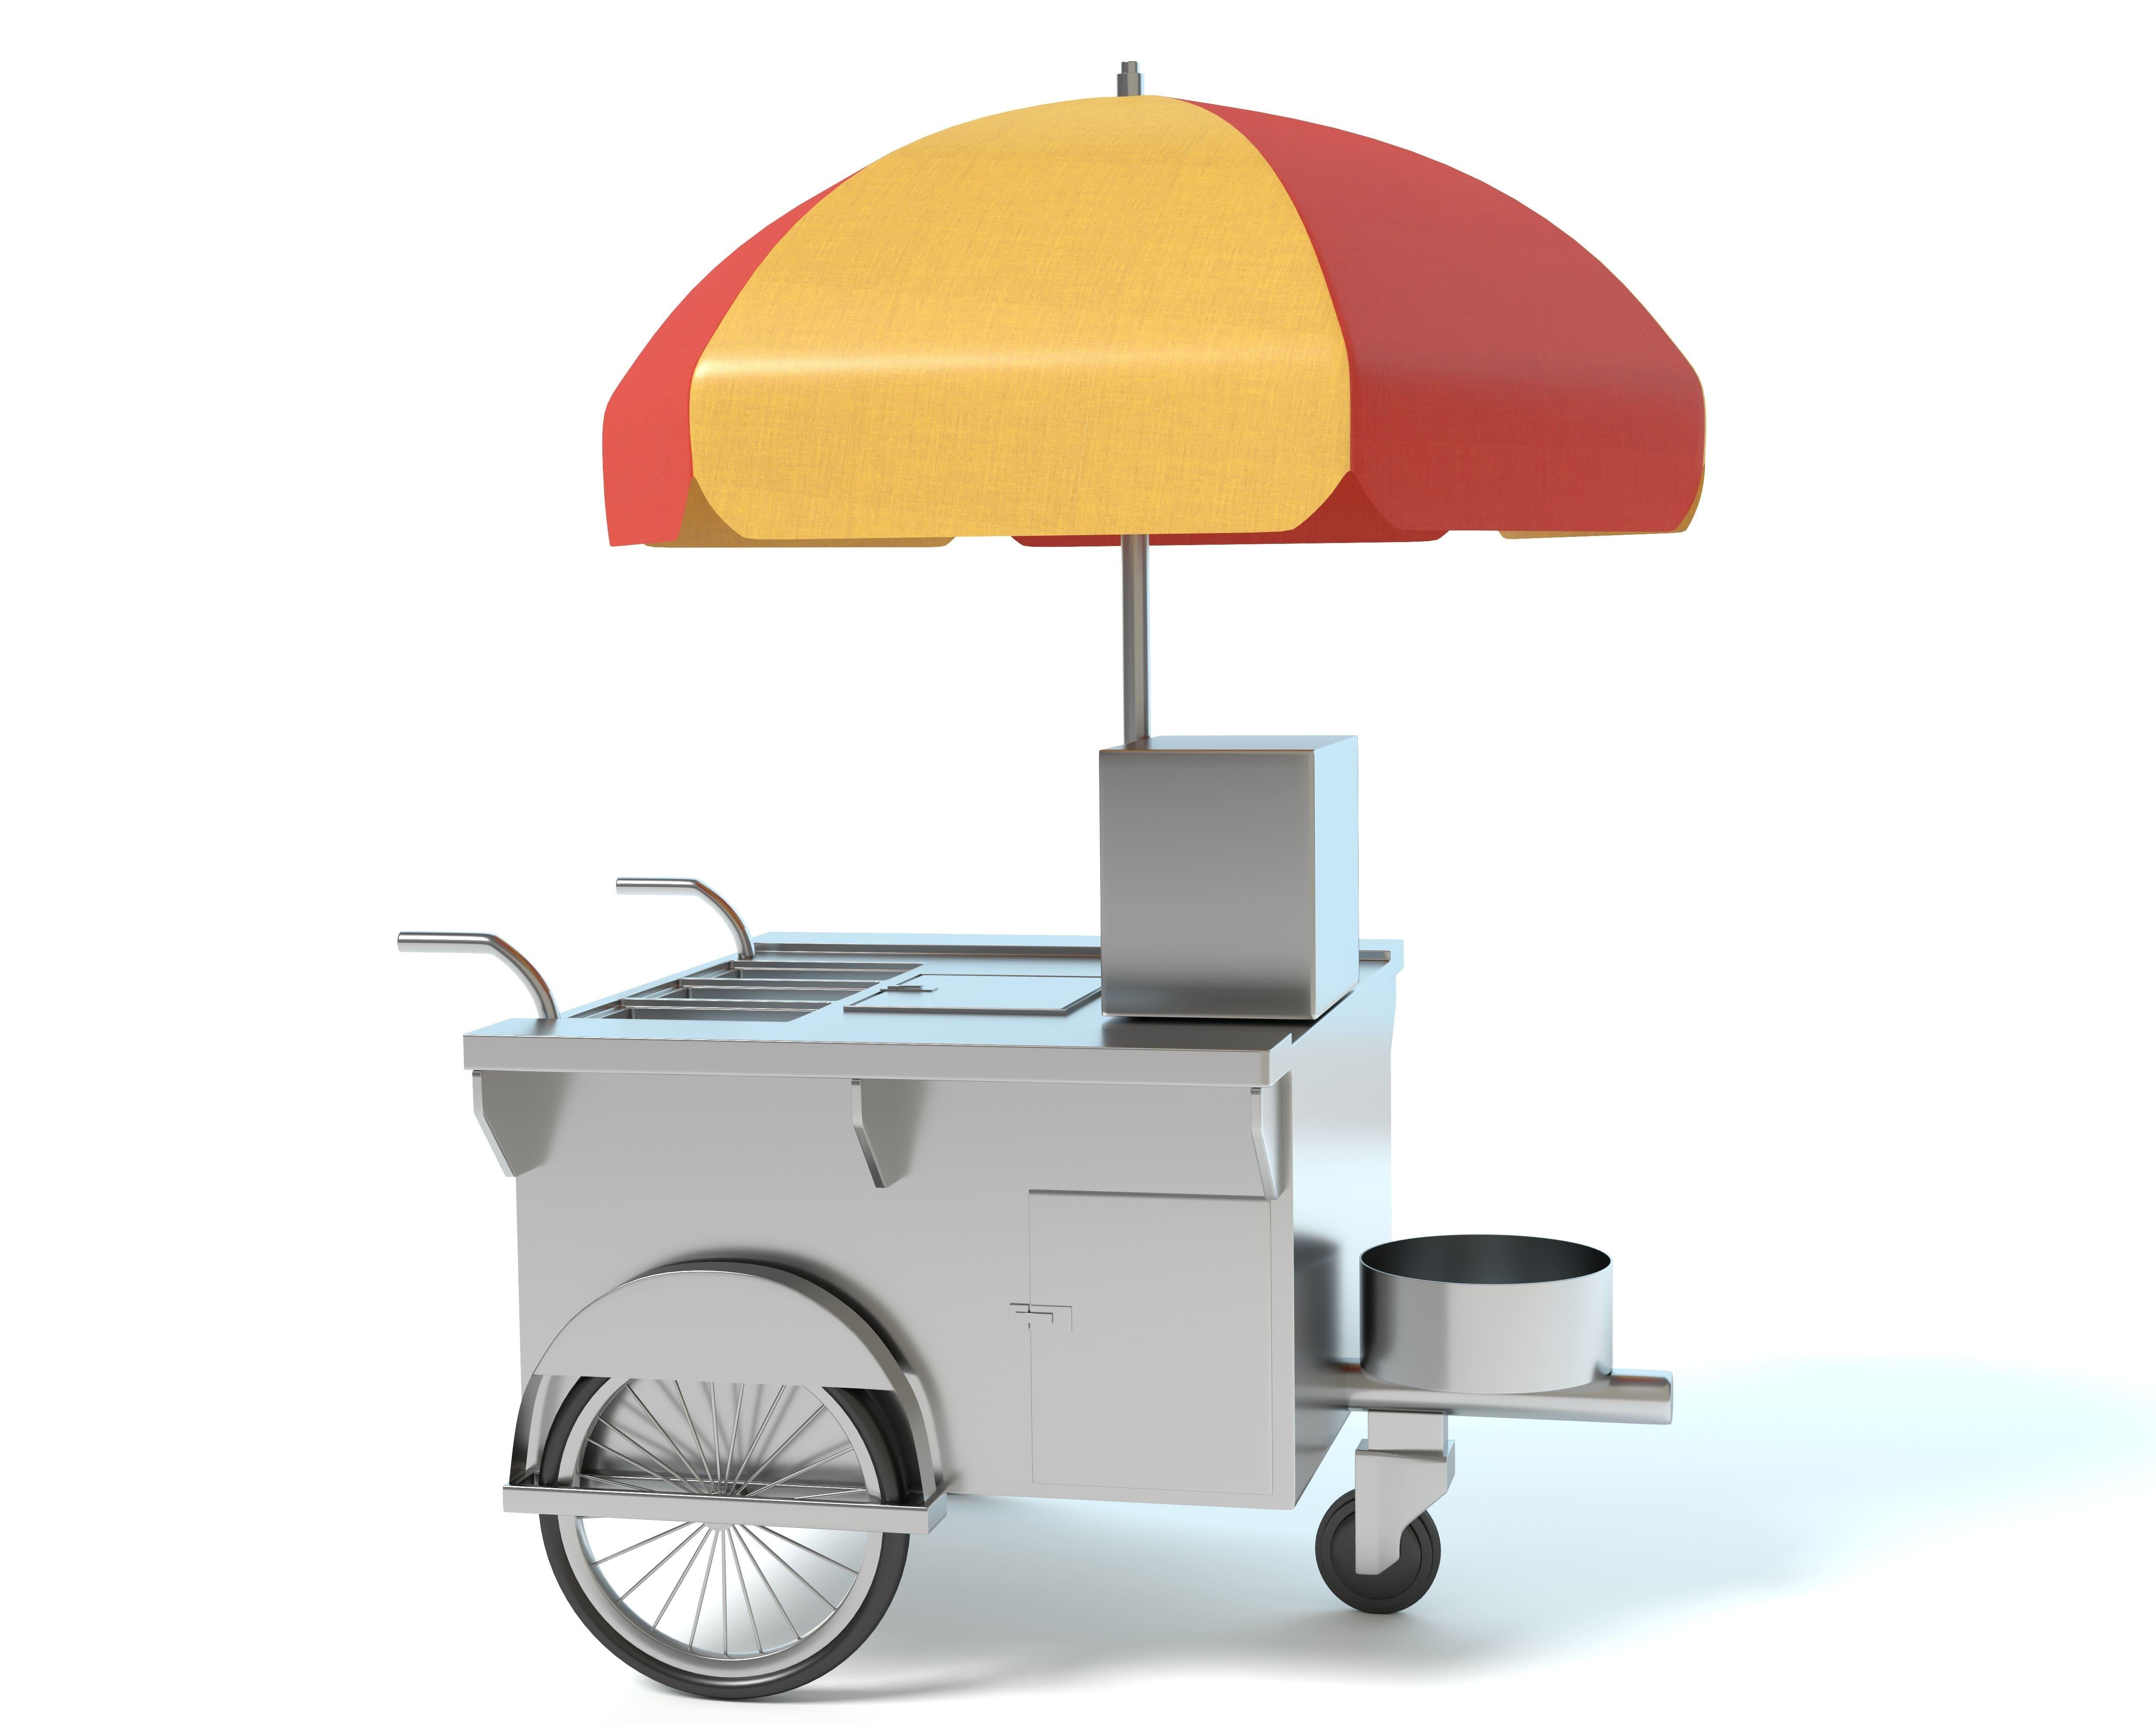 Imagem de um carrinho para inspirar quem deseja montar um carrinho de cachorro-quente